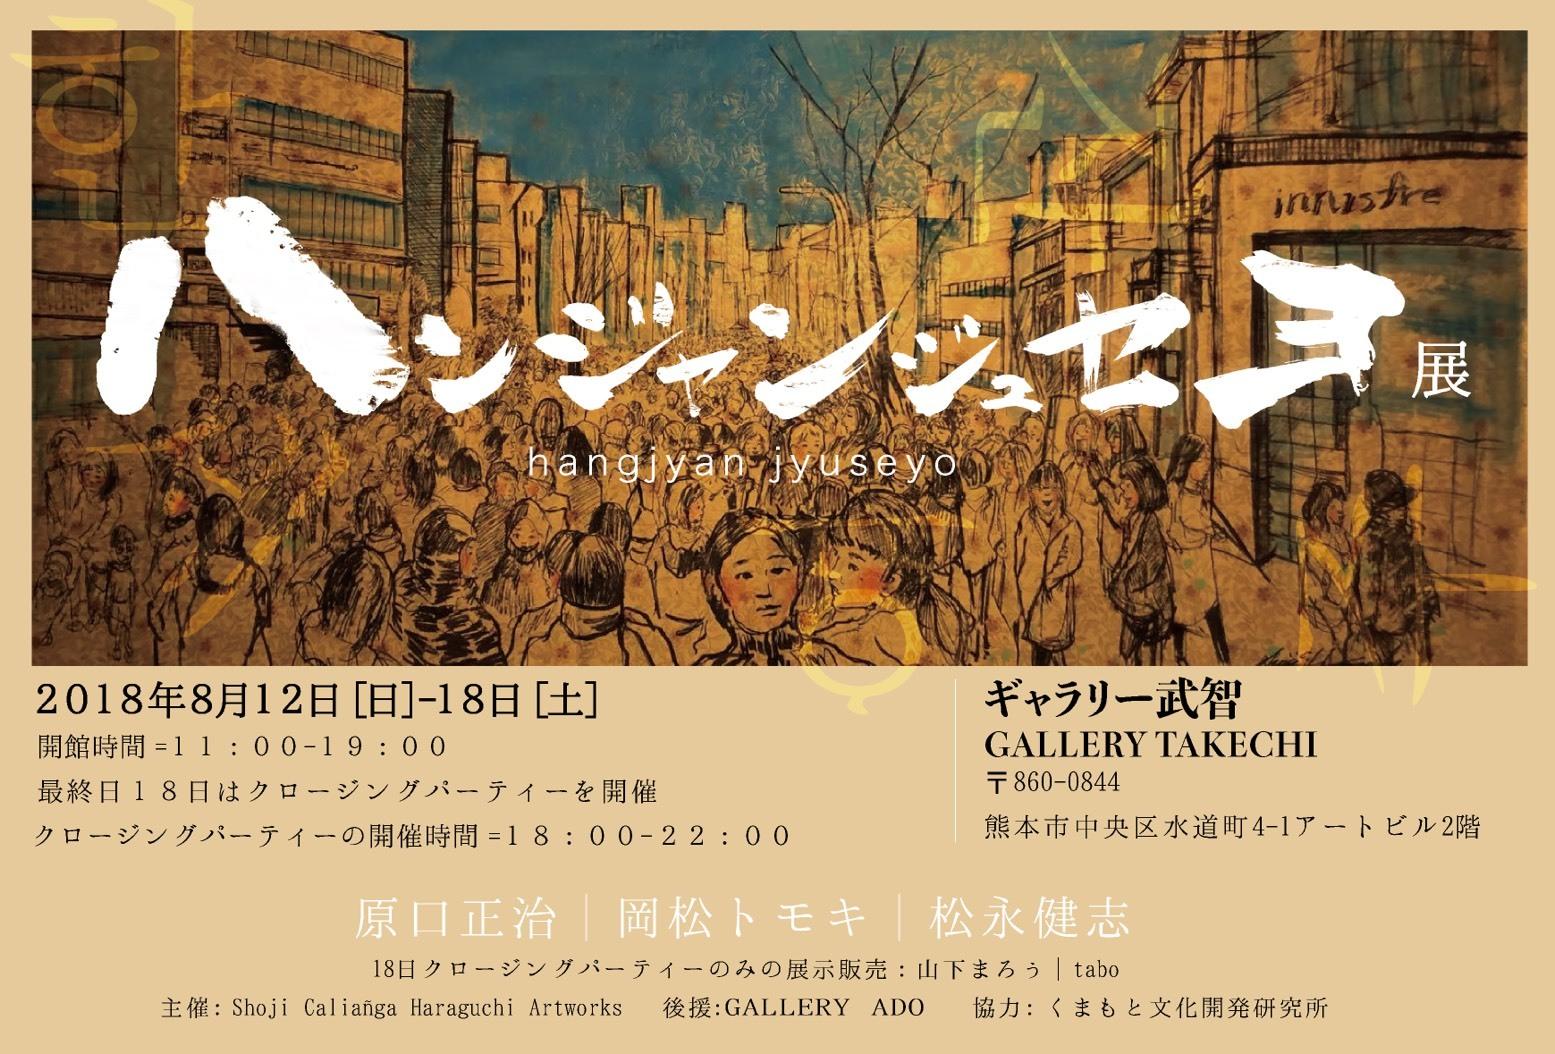 2018/8/12~8/18 『ハンジャンジュセヨ』展に参加します @ギャラリー武智_f0159642_11205770.jpg